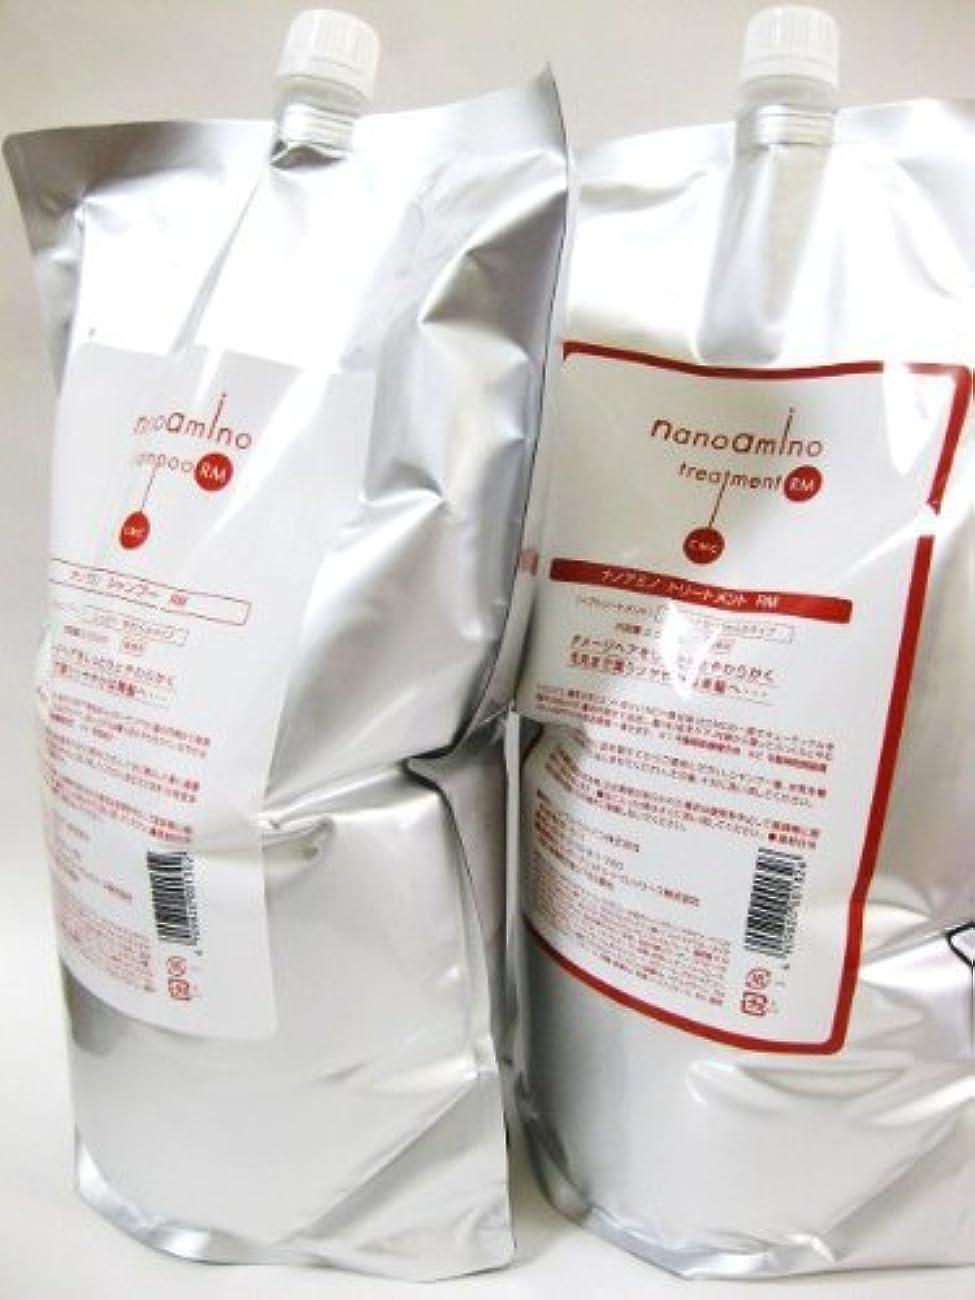 ショップ単語つまらないニューウェイジャパン ナノアミノ RM 2500 詰替えタイプ 合わせて5キロ!![ビックサイズ]セット